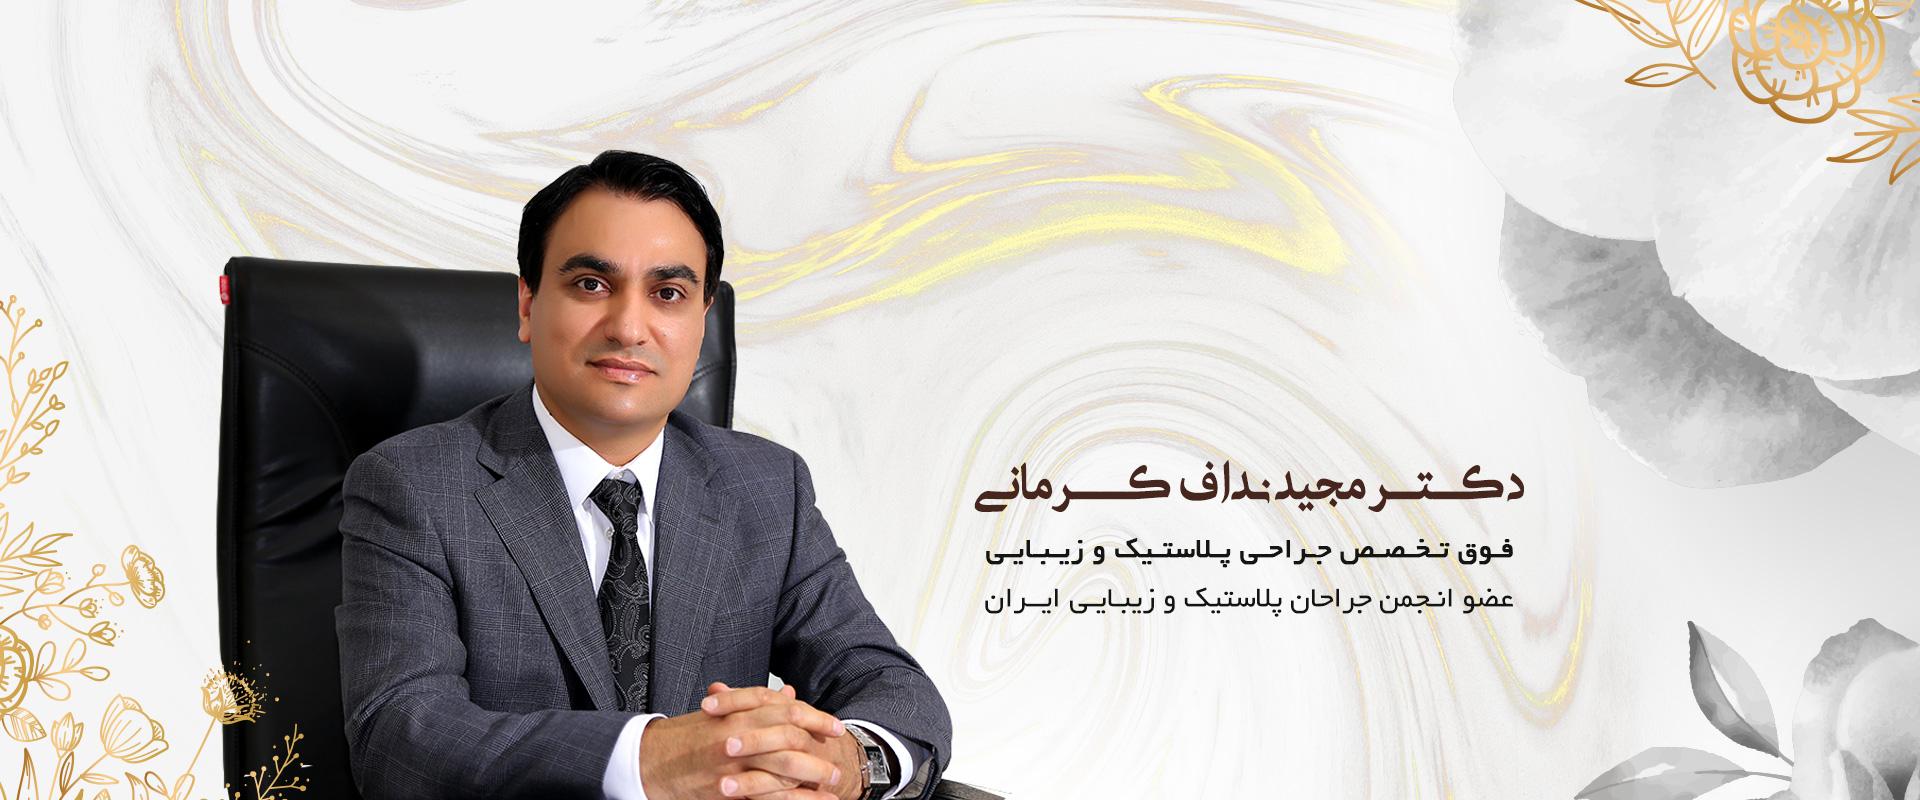 درباره دکتر مجید نداف کرمانی